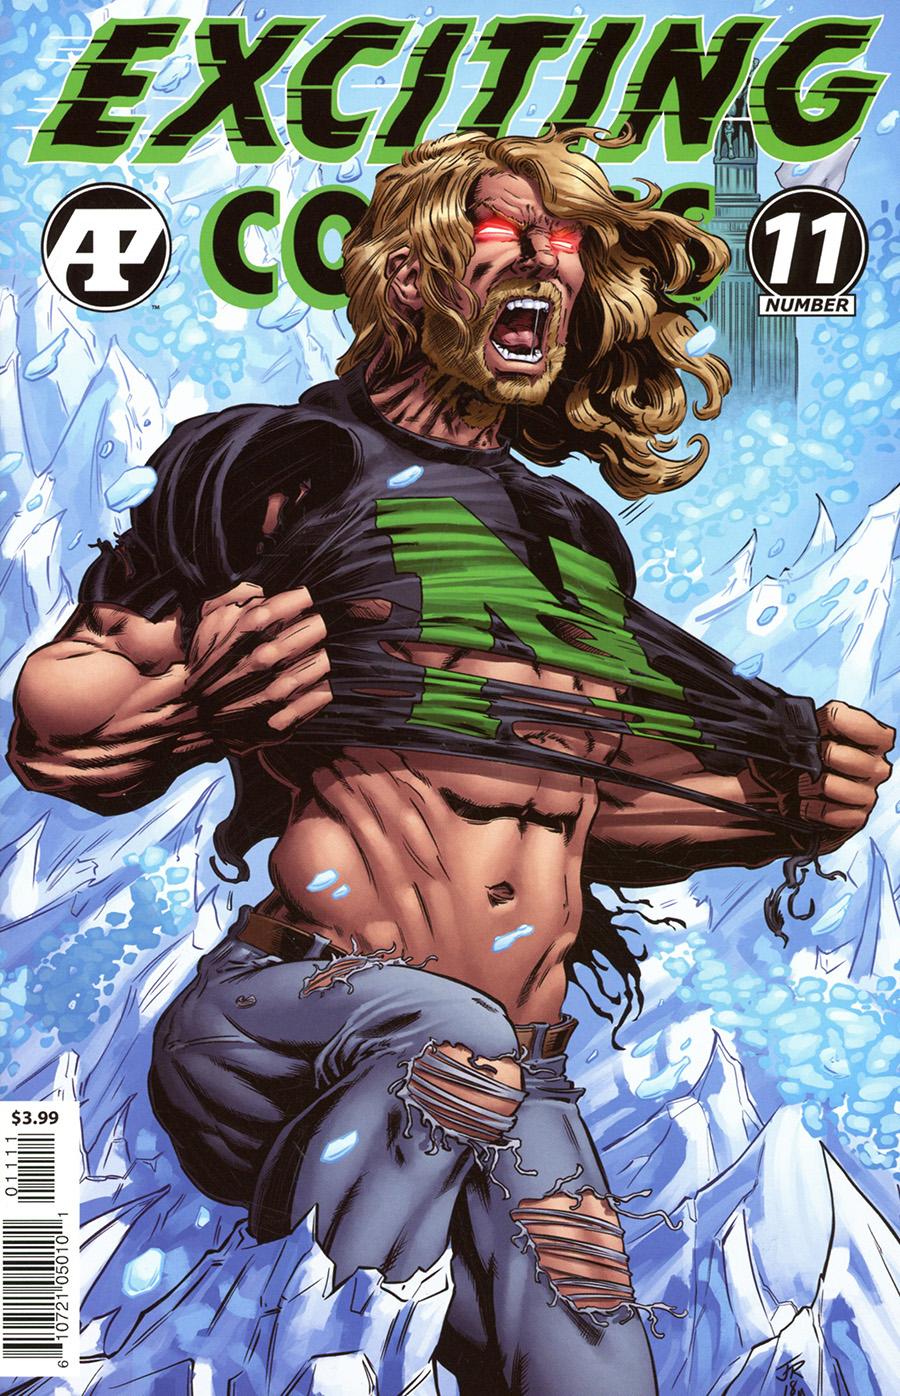 Exciting Comics Vol 2 #11